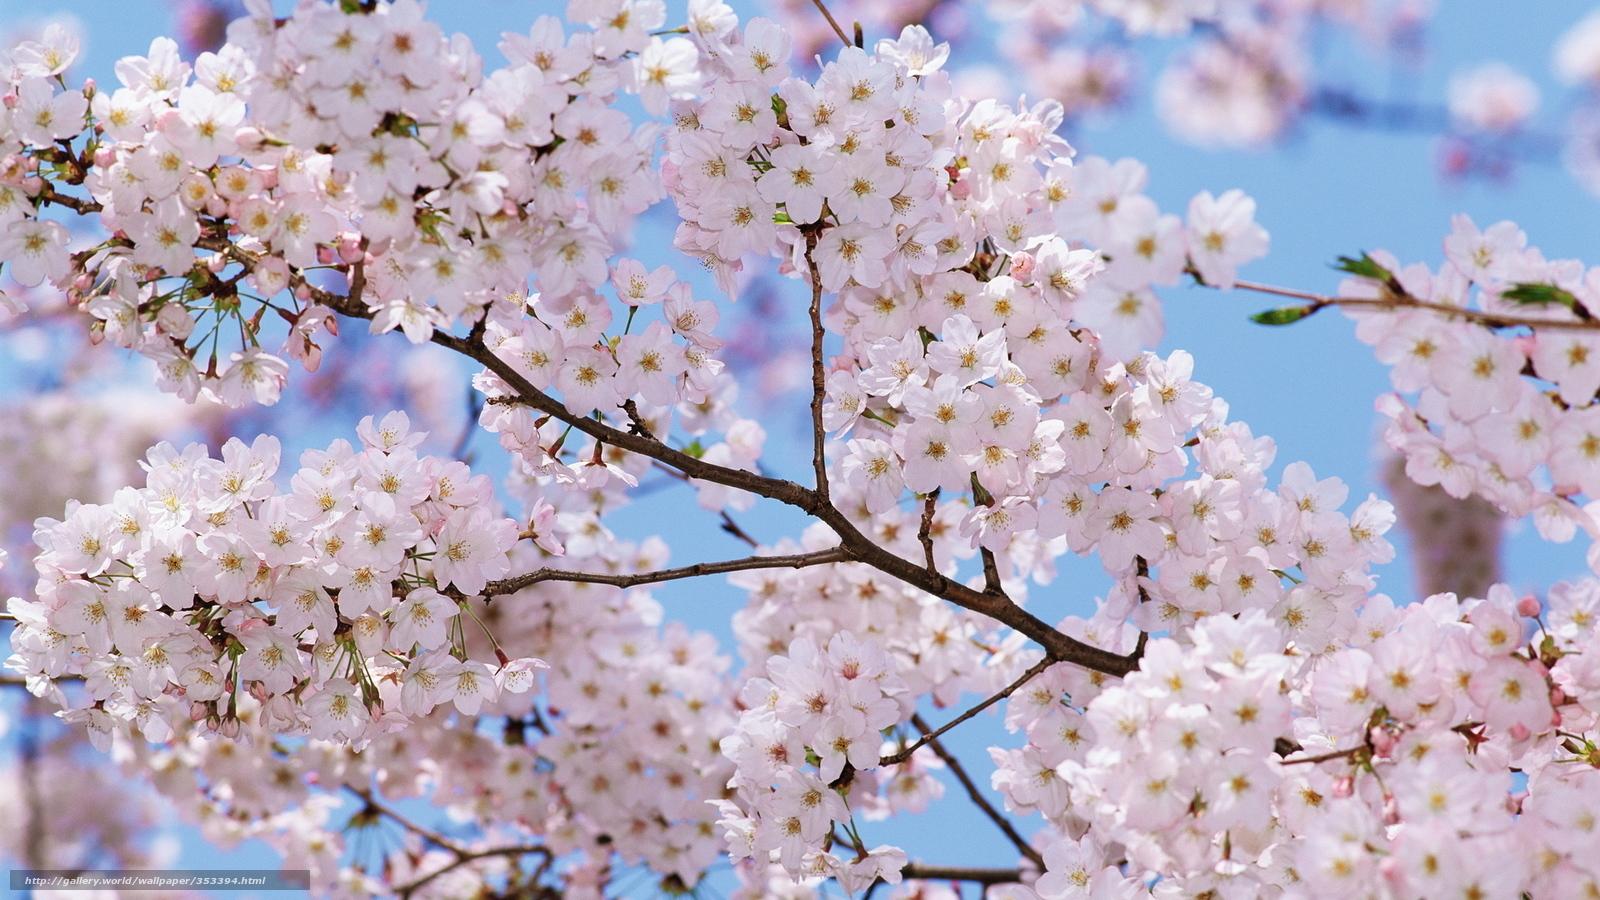 Scaricare gli sfondi fiori primavera alberi sfondi for Sfondi pc primavera